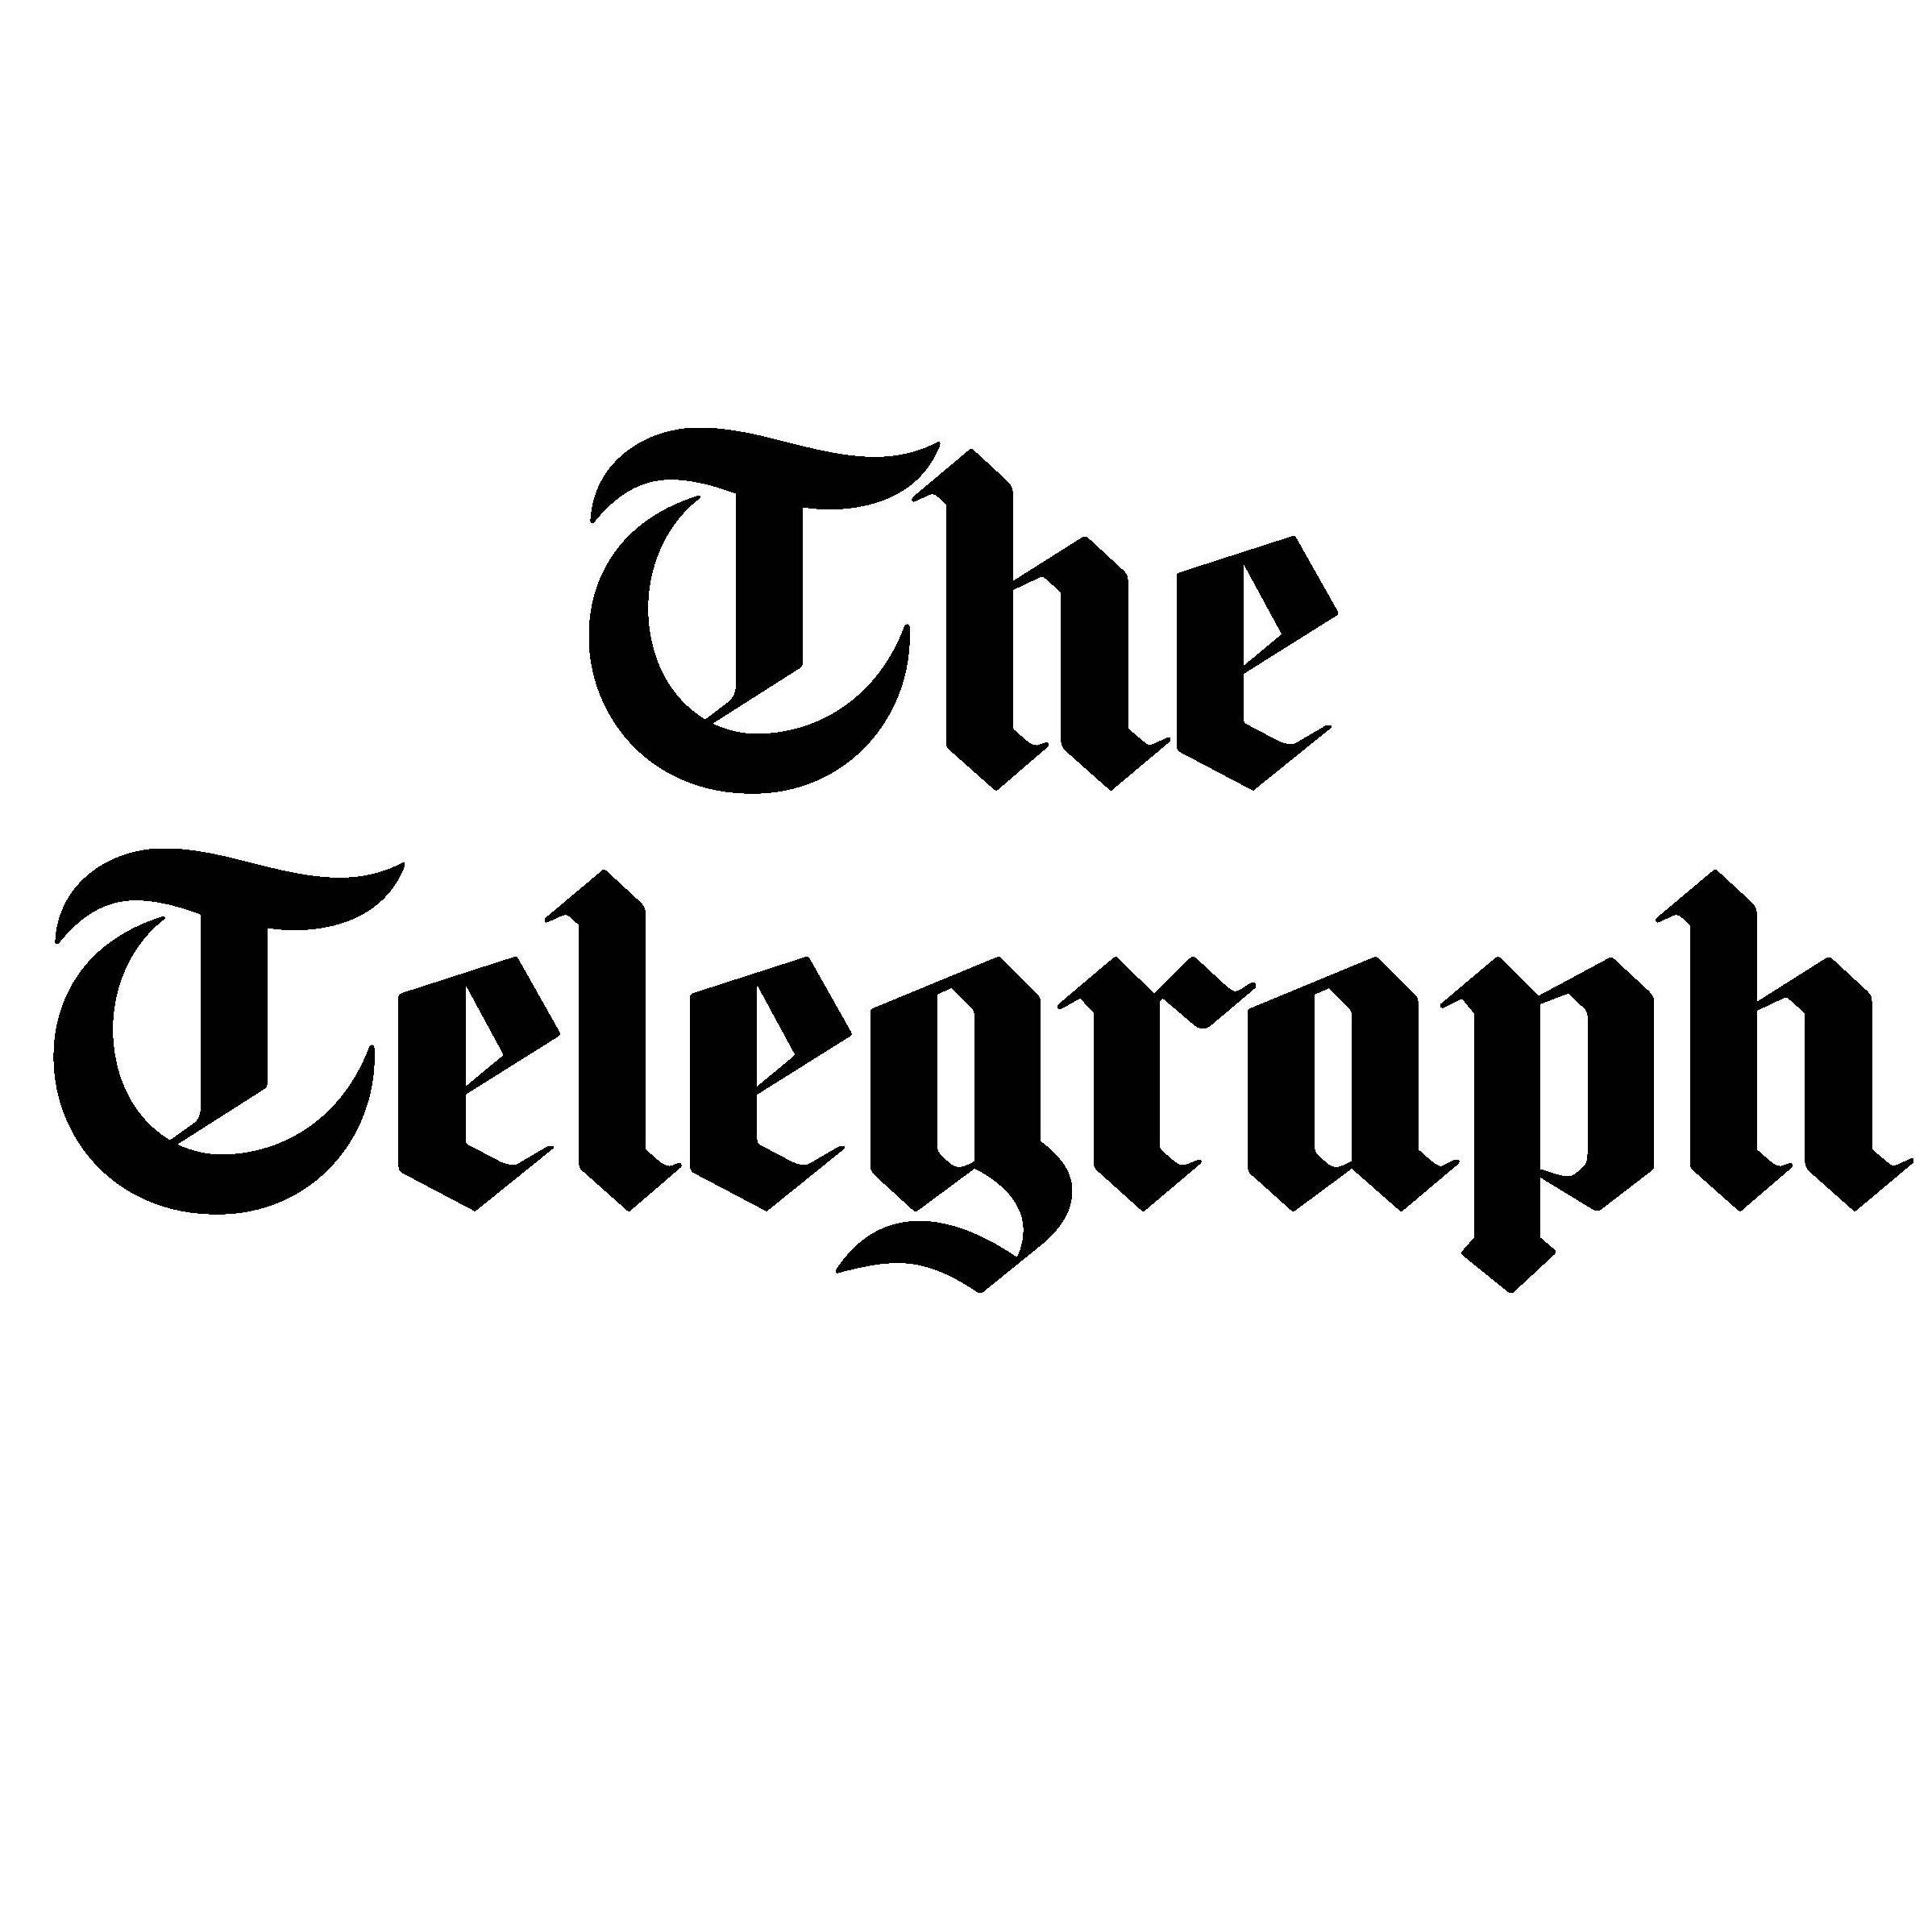 Arj Thiruchelvam in The Telegraph